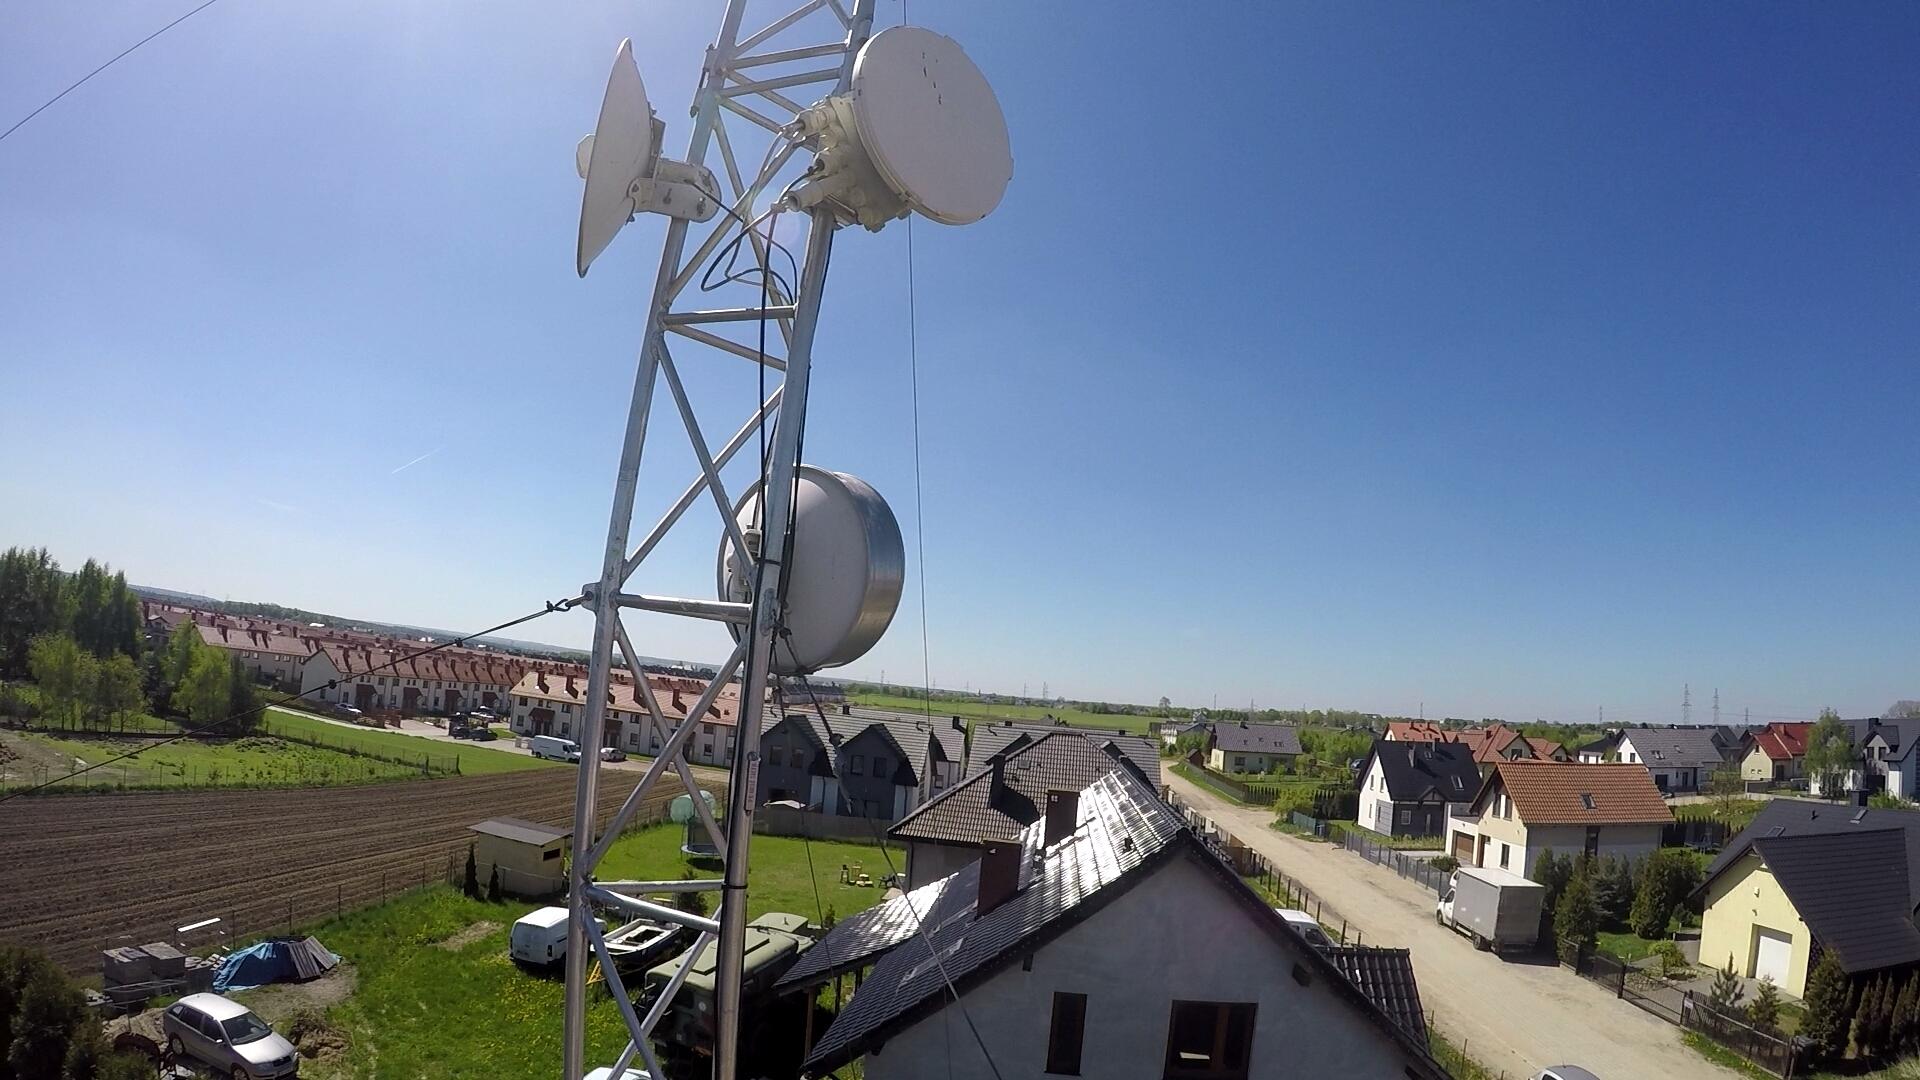 Internet Banino - Montaż anten - Regulacja anten - Internet Światłowodowy - Telewizja Kablowa - Internet Radiowy - Banino Chwaszczyno Osowa Rębiechowo Bojano Małkowo Pępowo